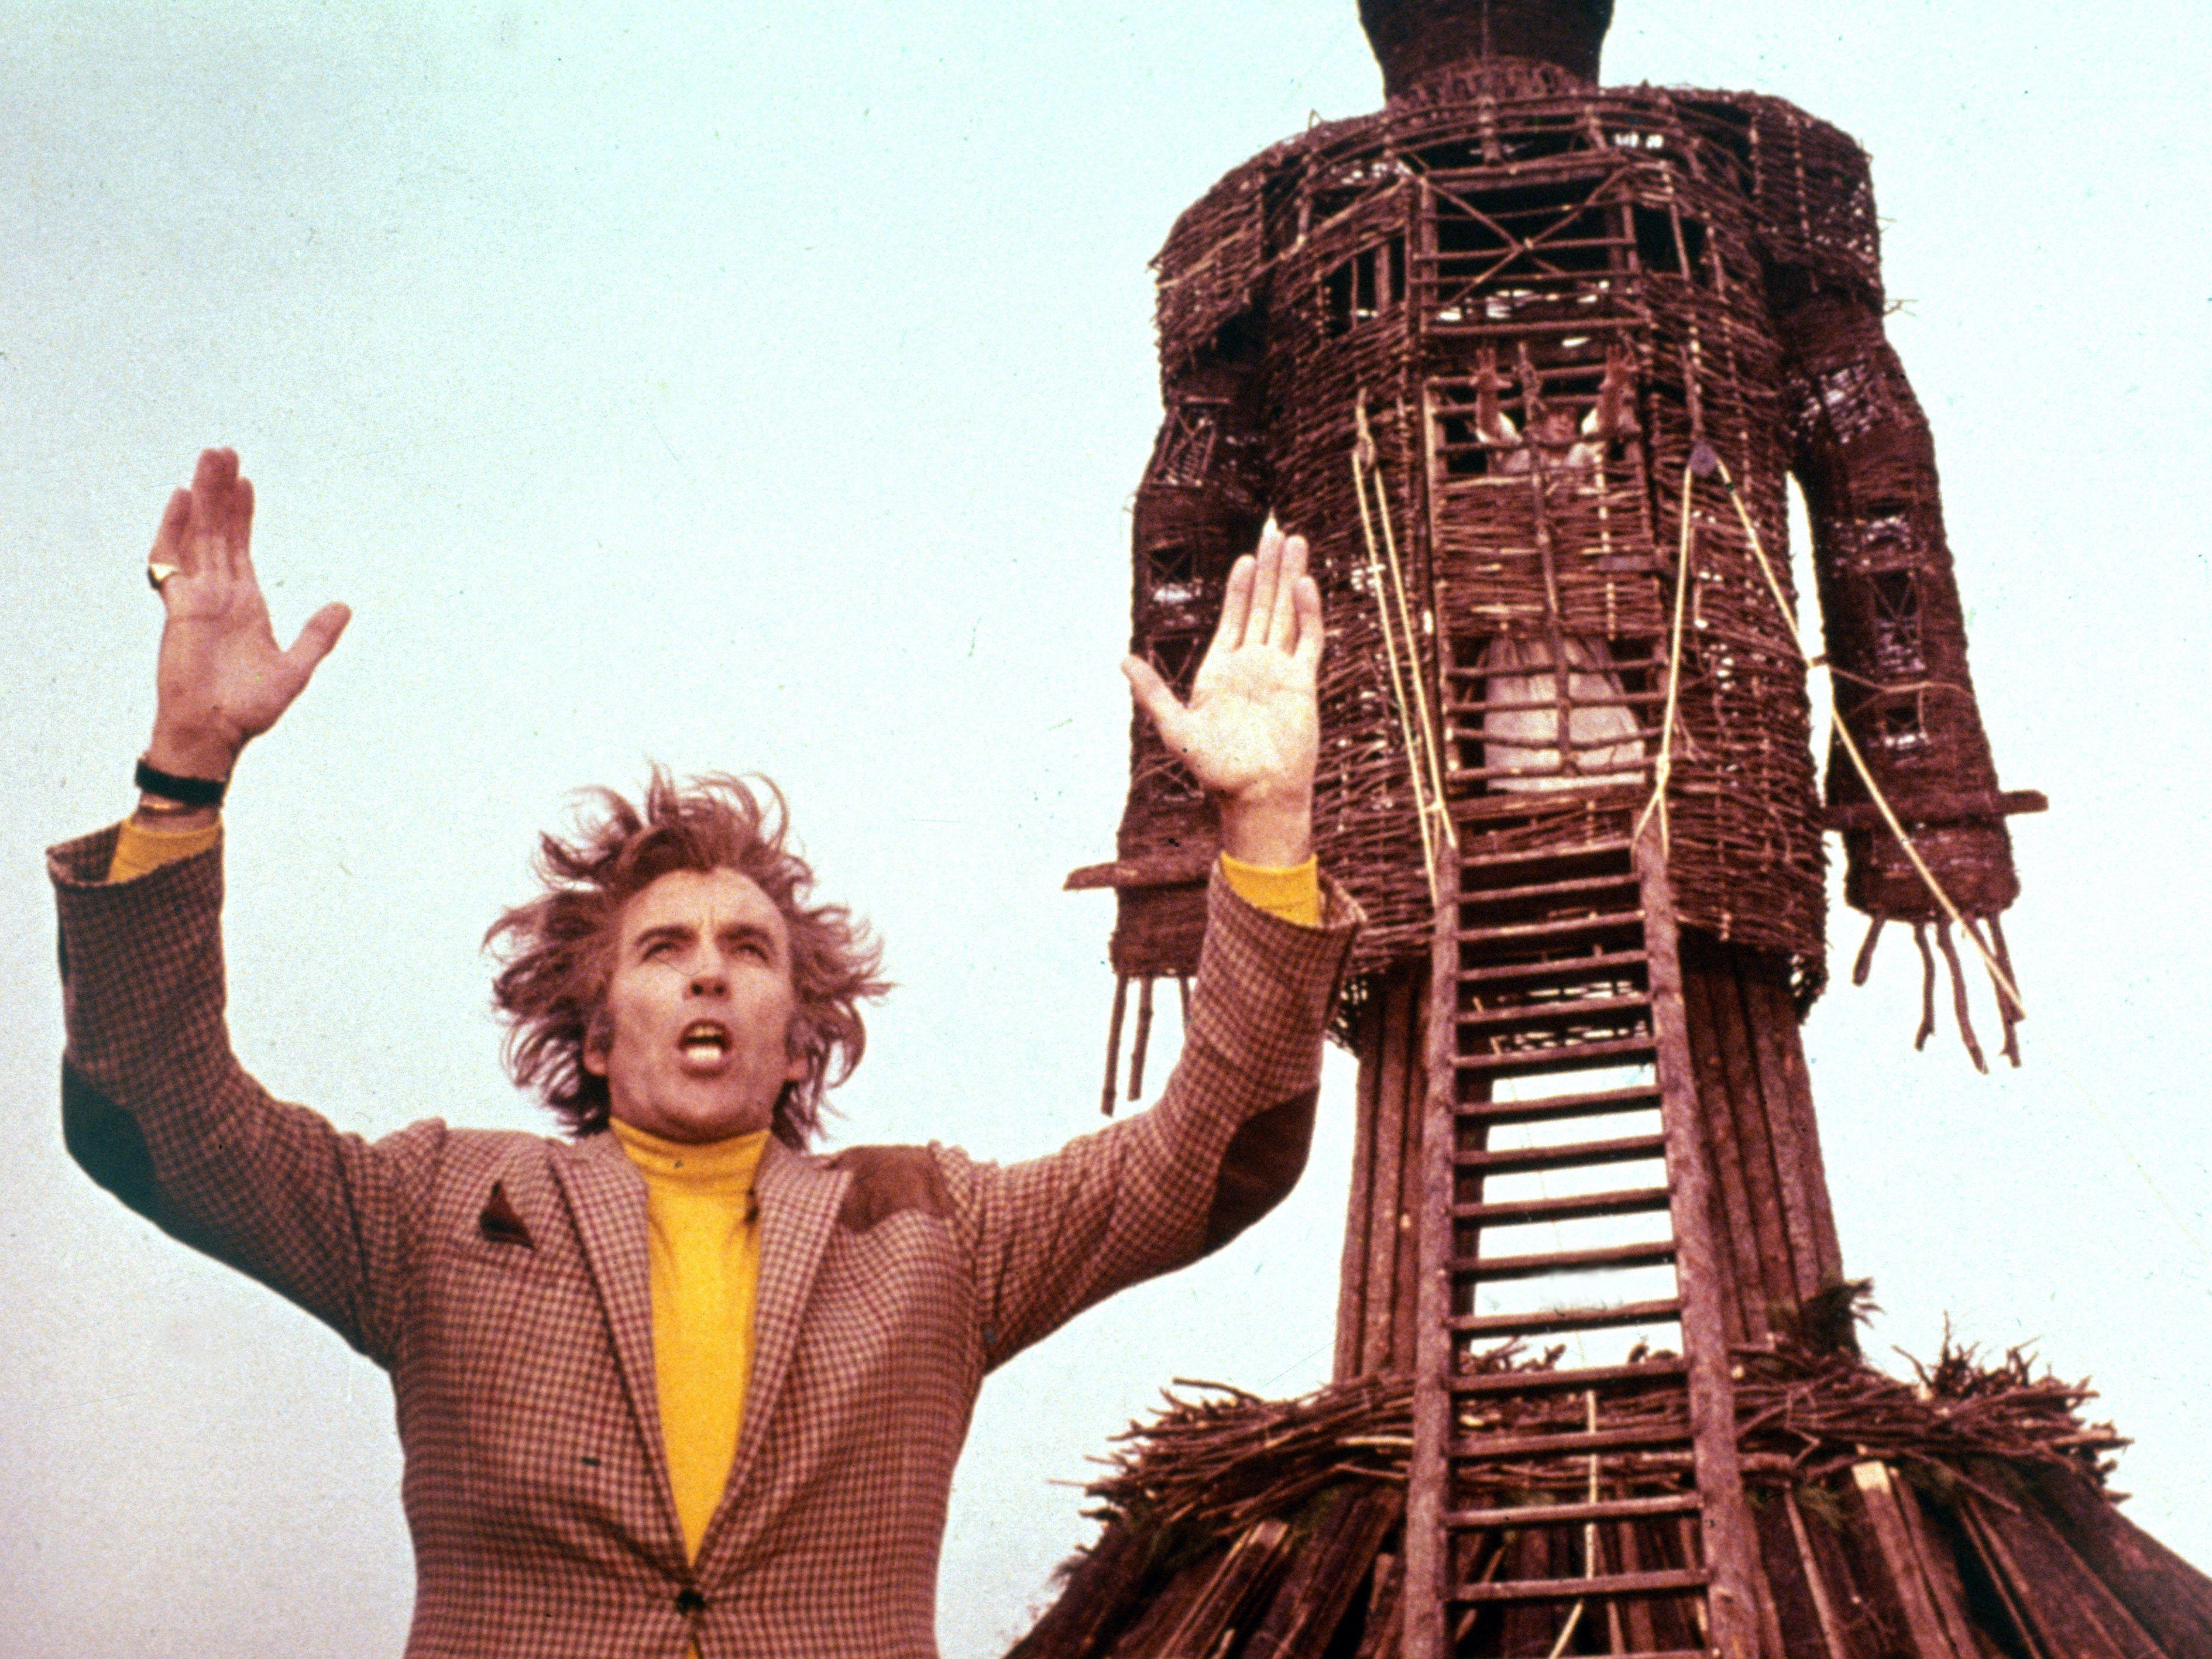 The Wicker Man (1973) - Robin Hardy | Wicker man, Best horror movies, Classic horror